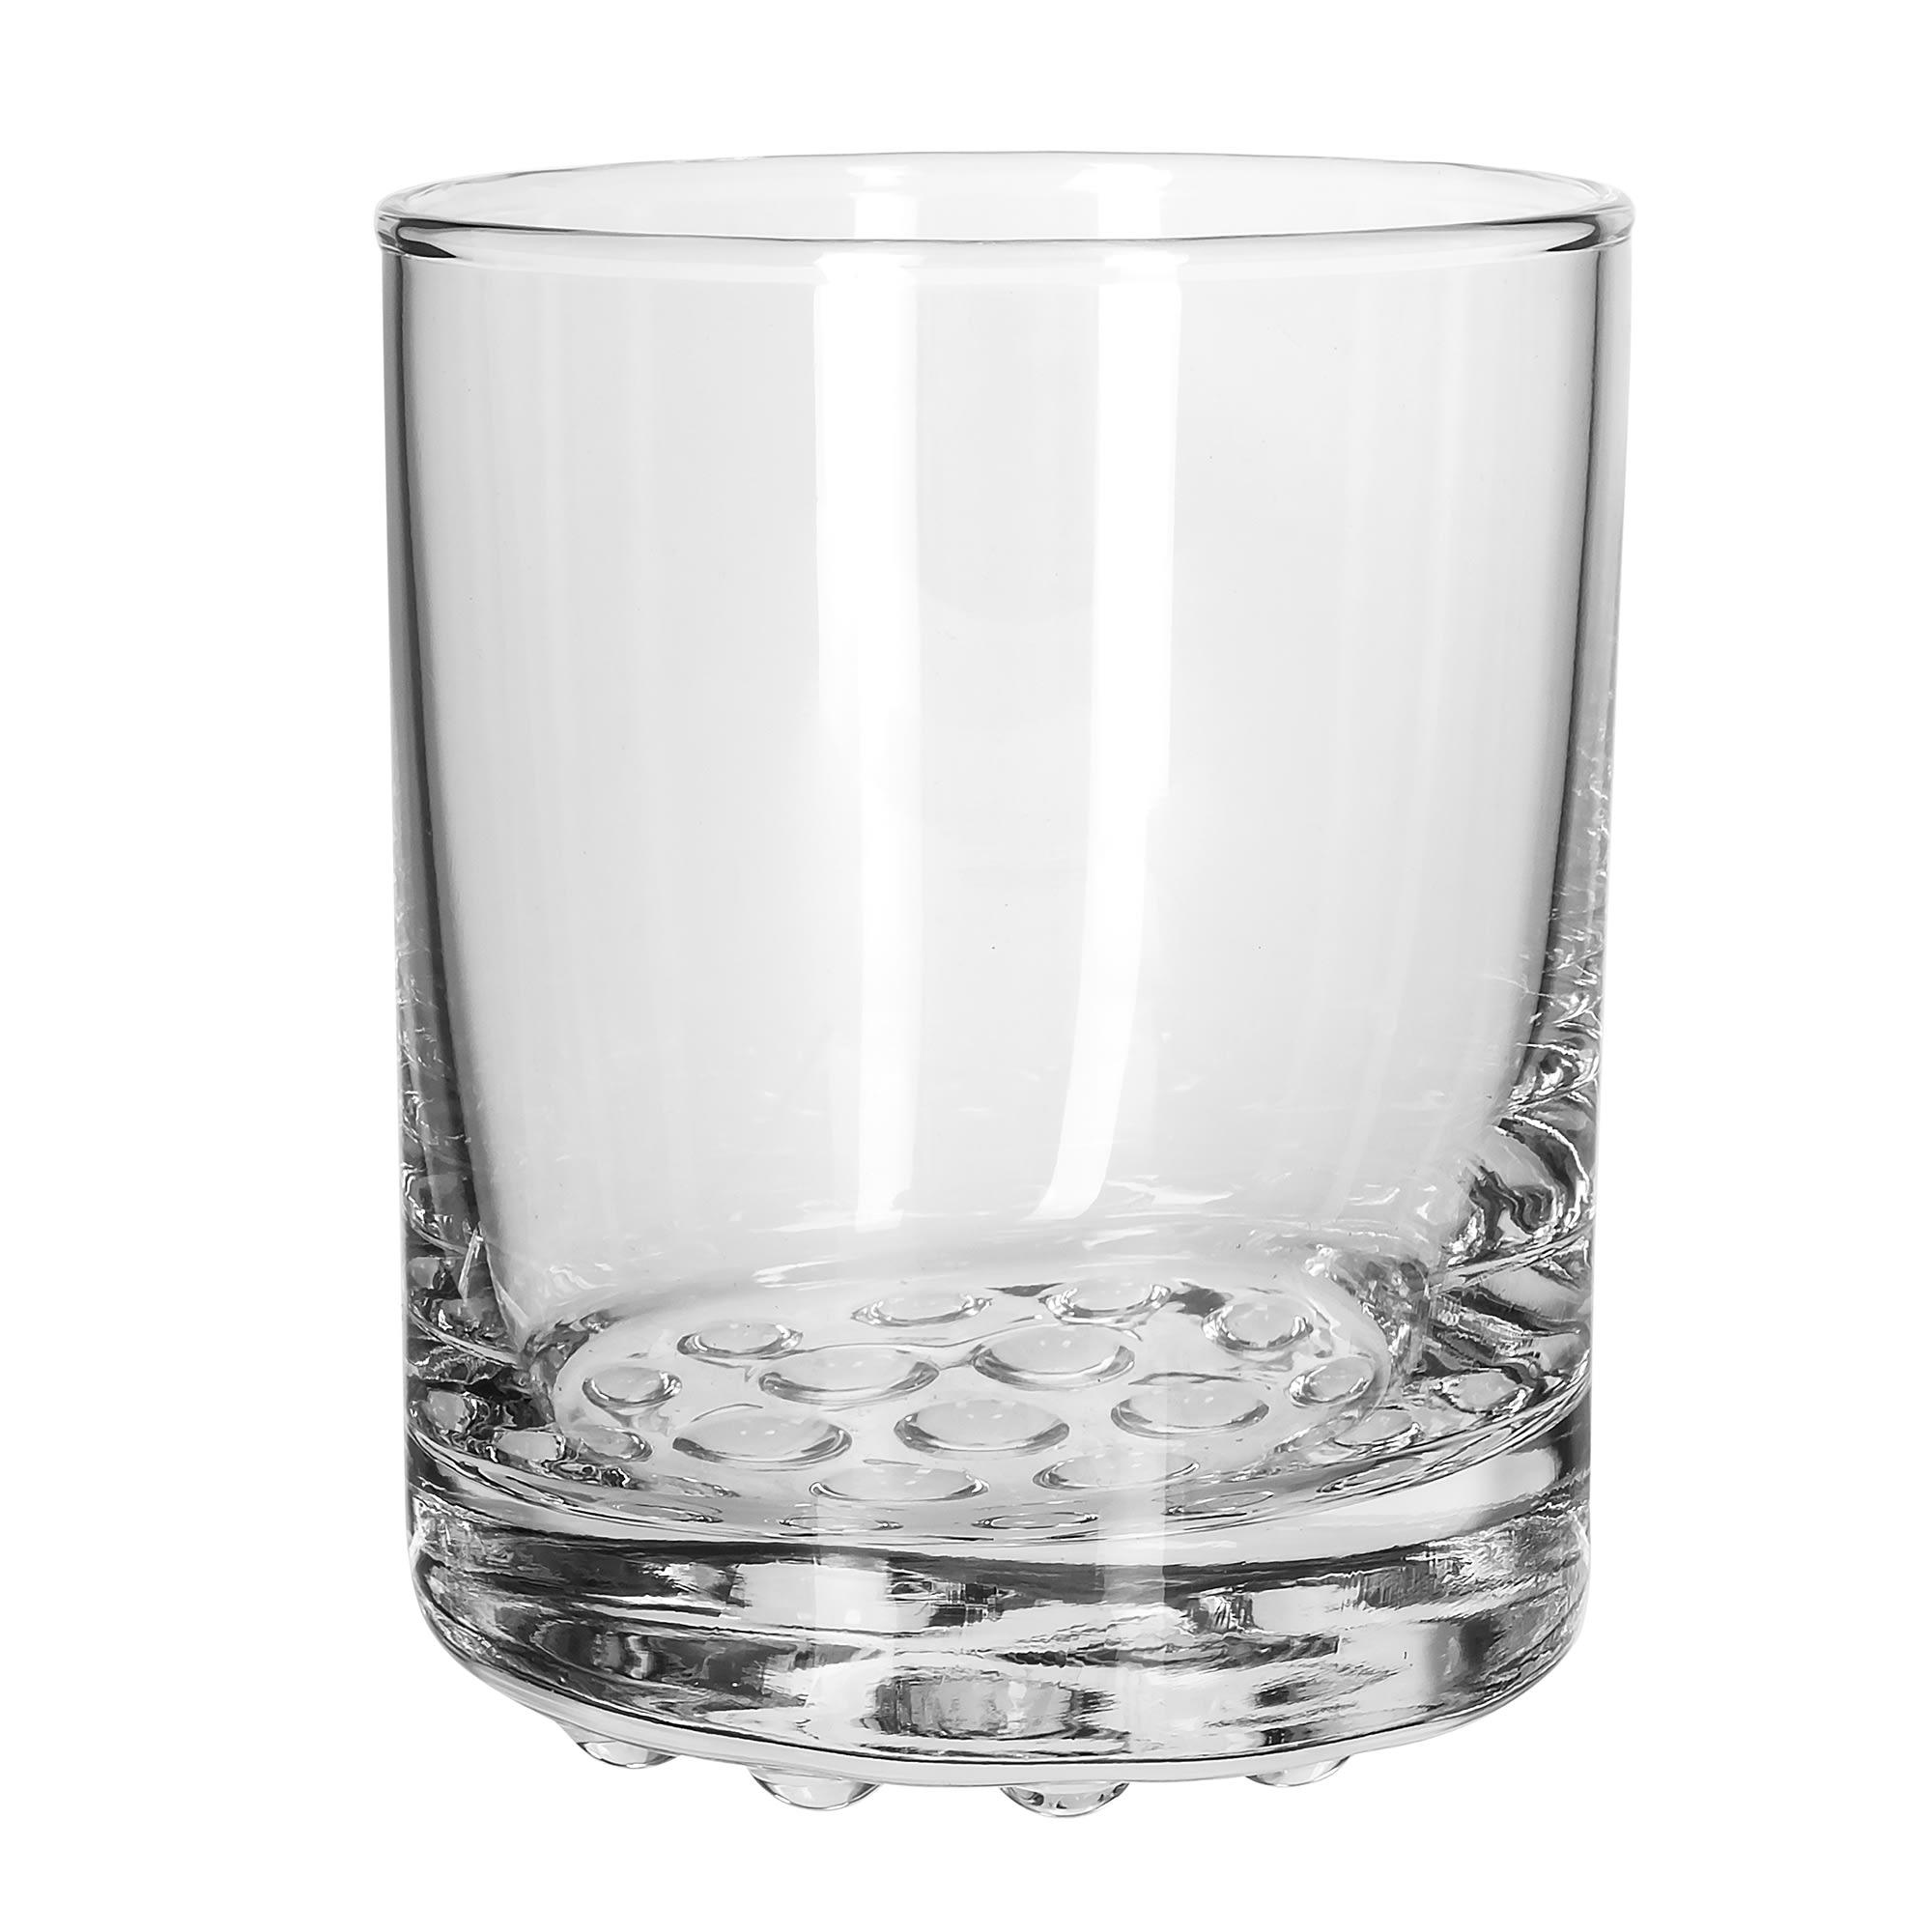 Libbey 23286 7.75-oz Old Fashioned Glass - Nob Hill